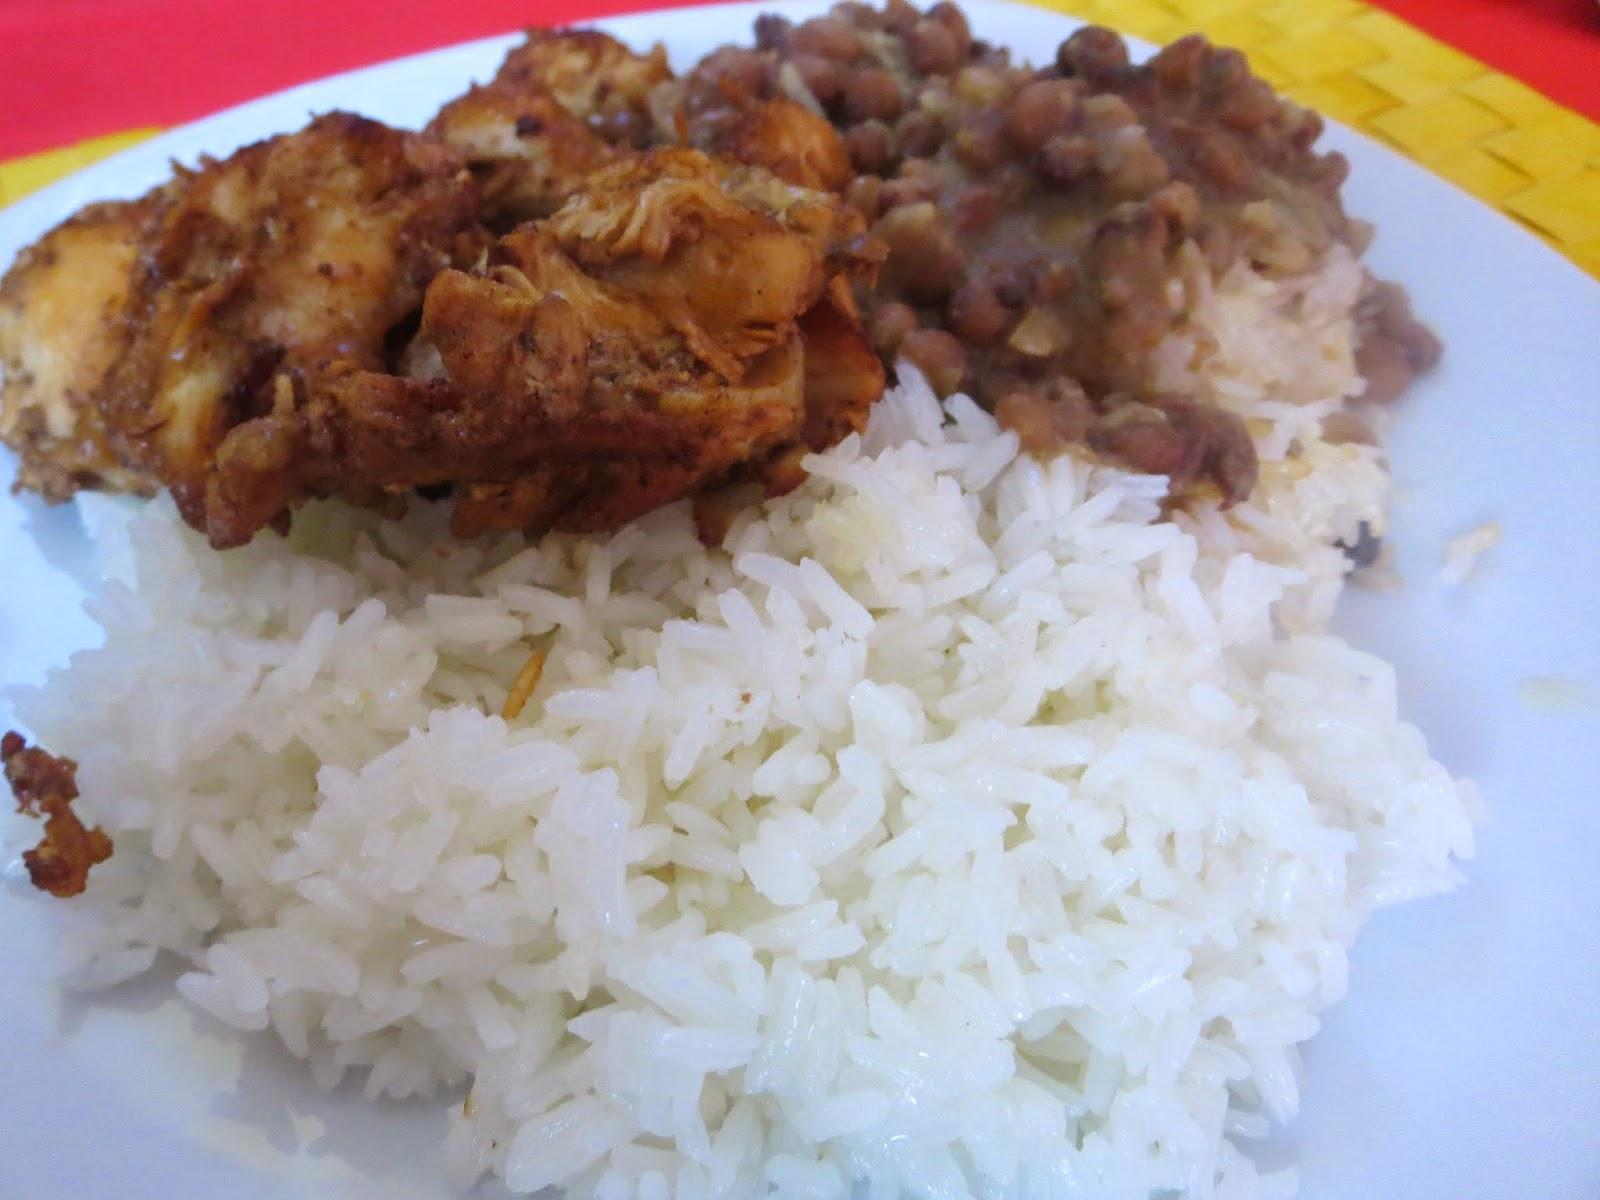 Cocina casera rep blica dominicana cocinar r pido y for Cocinar 2 tazas de arroz